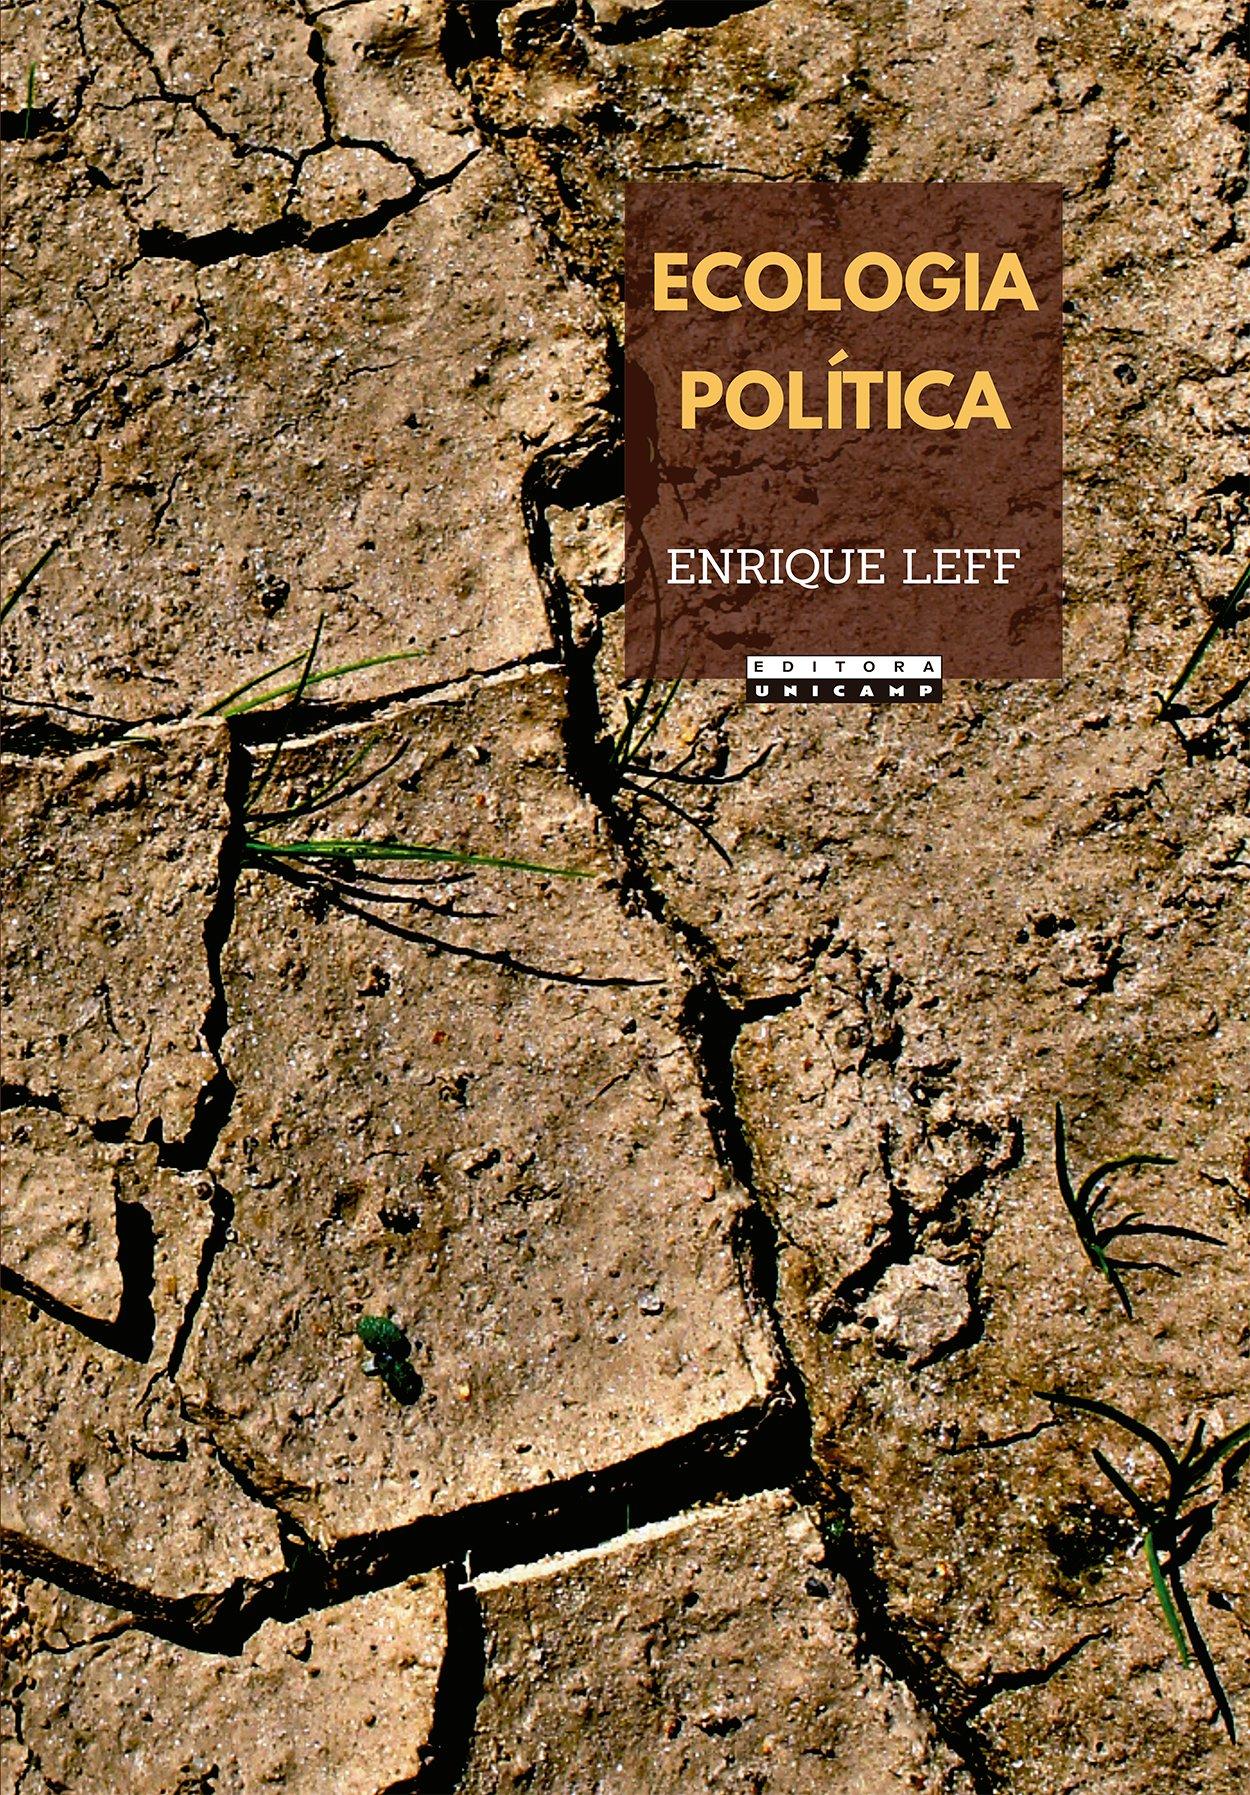 Ecologia política. Da desconstrução do capital à territorialização da vida, livro de Enrique Leff